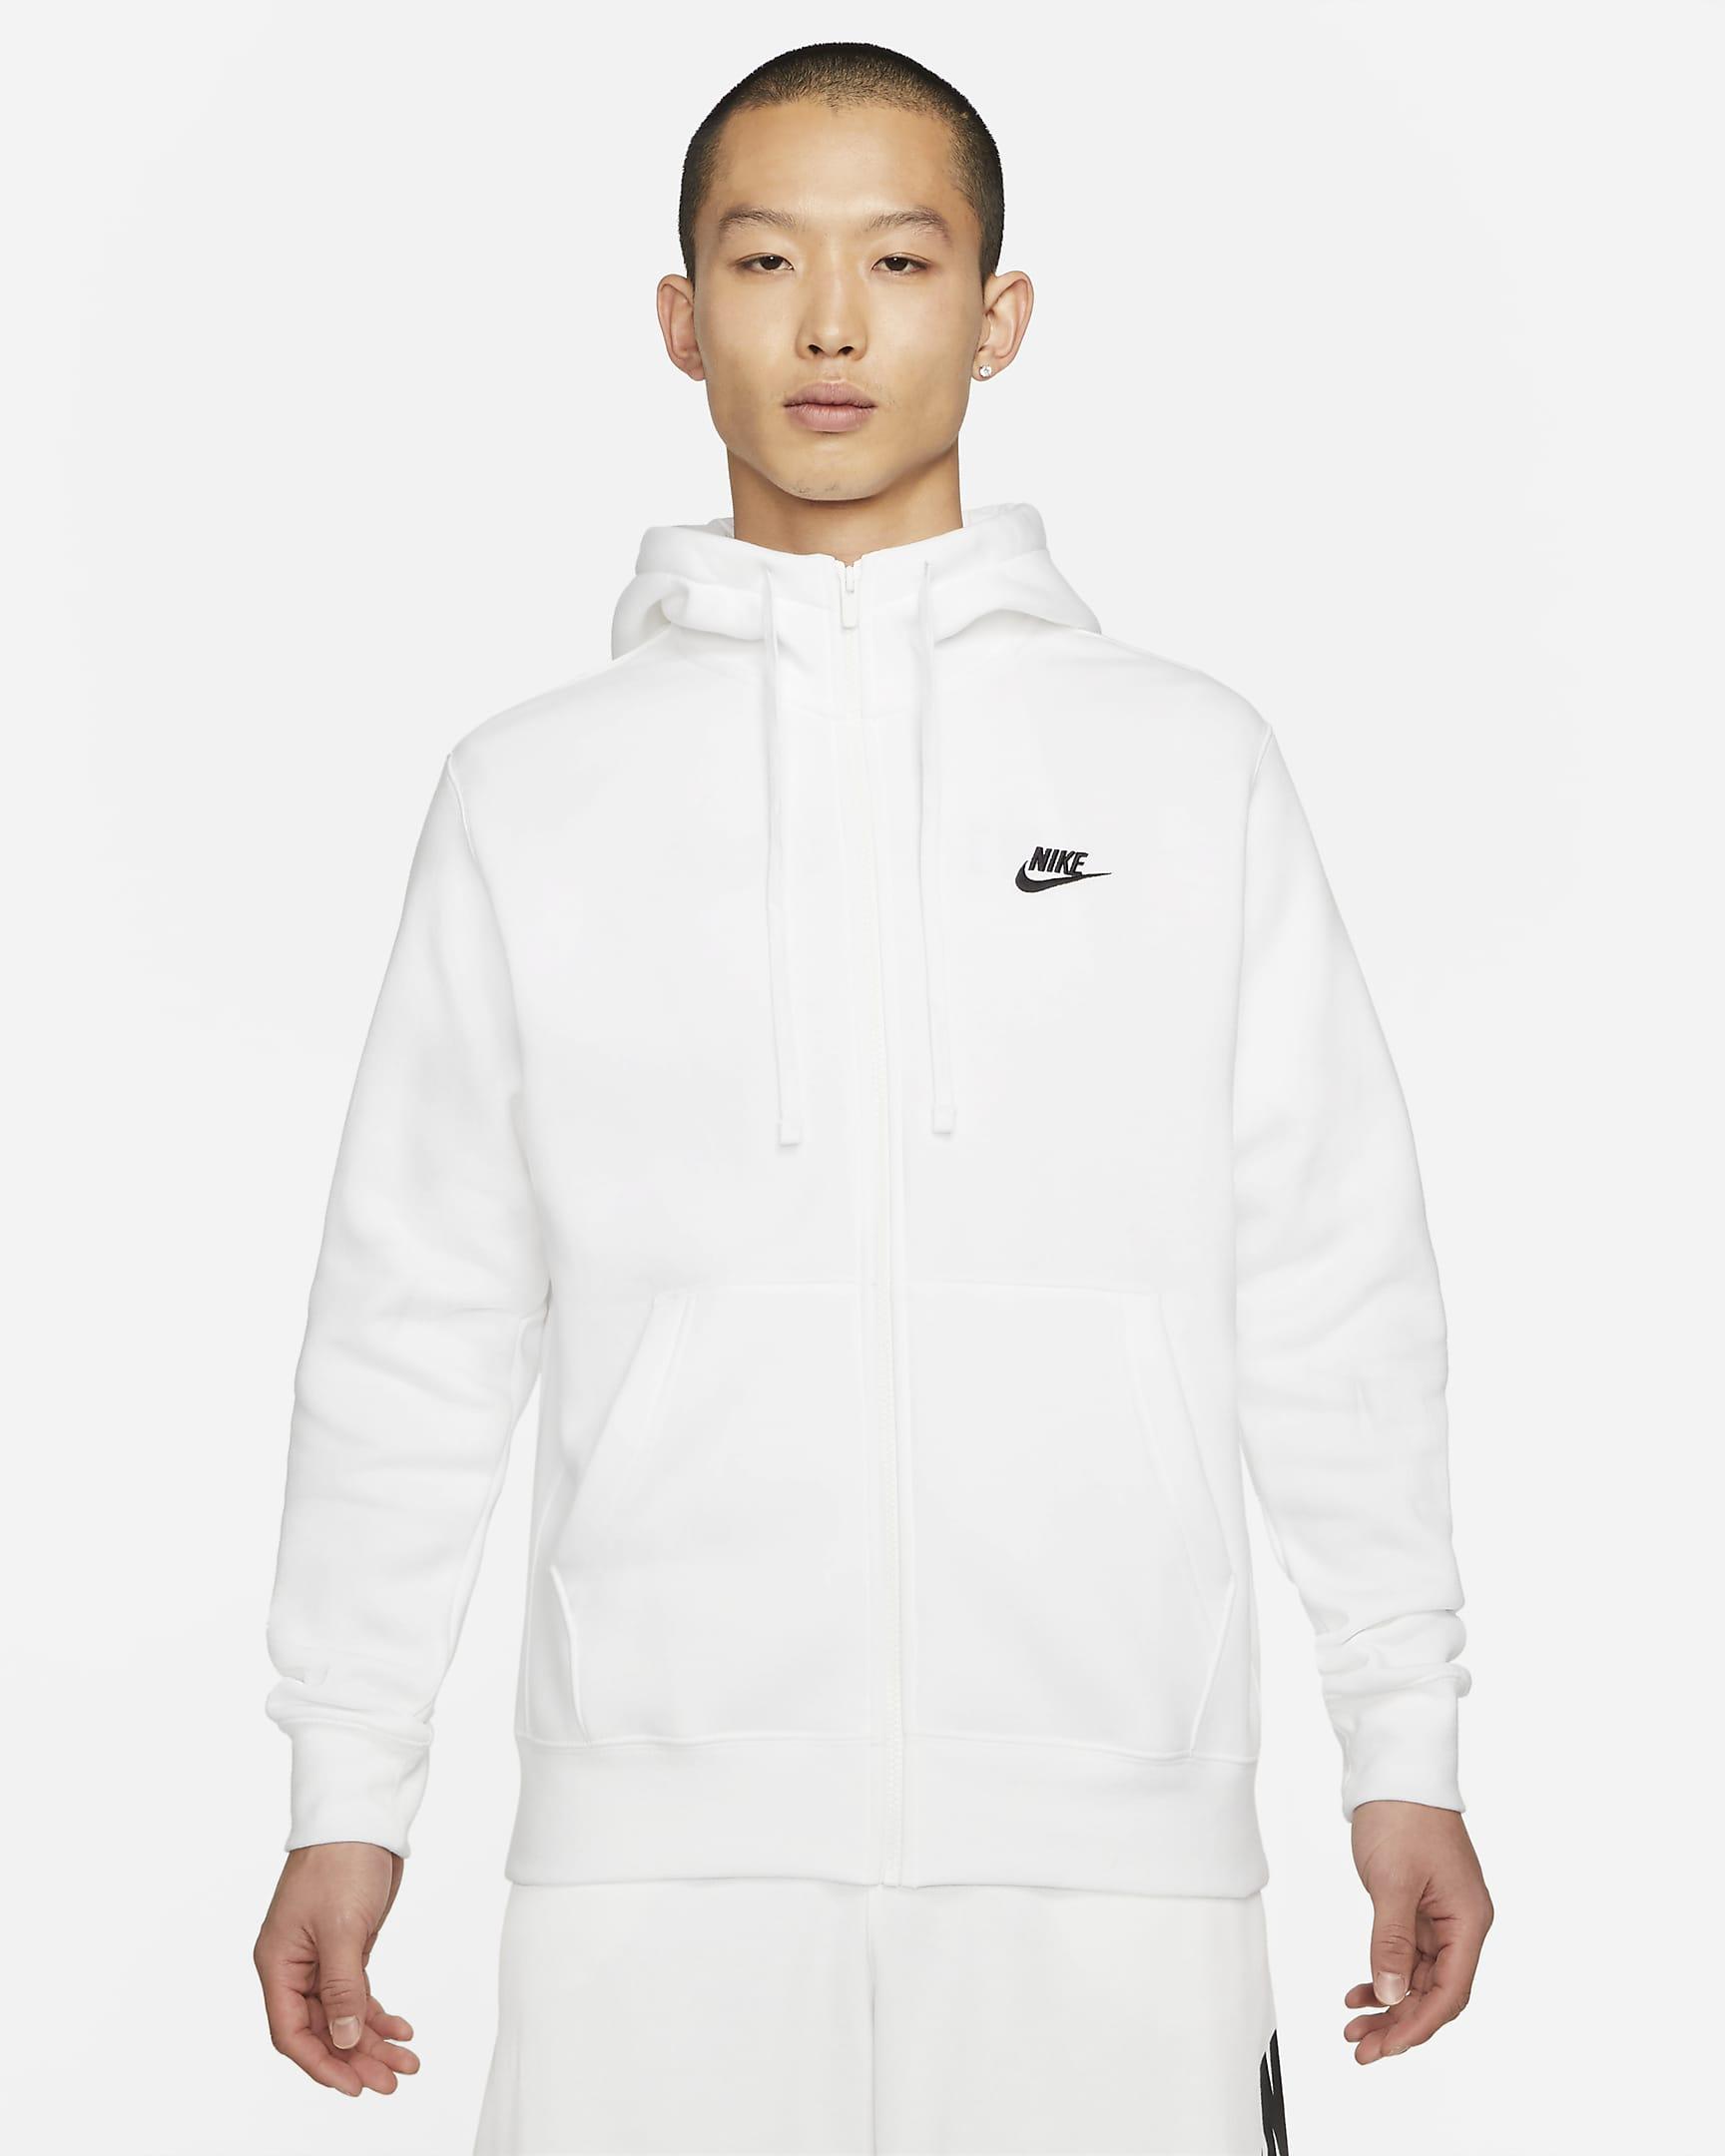 nike-sportswear-club-fleece-mens-full-zip-hoodie-nR8tst.png